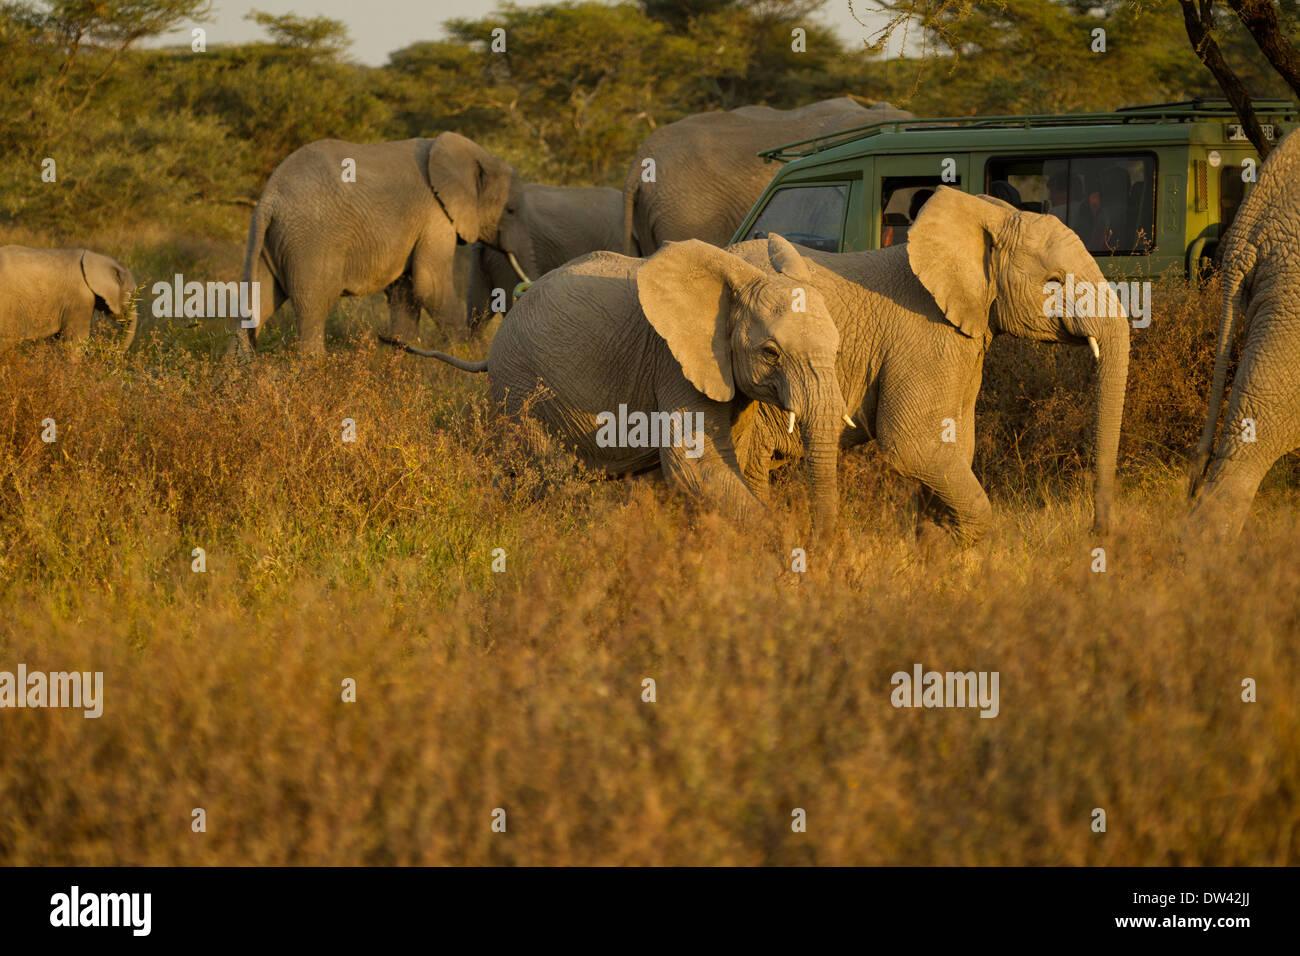 Elephants surround safari vehicle - Stock Image